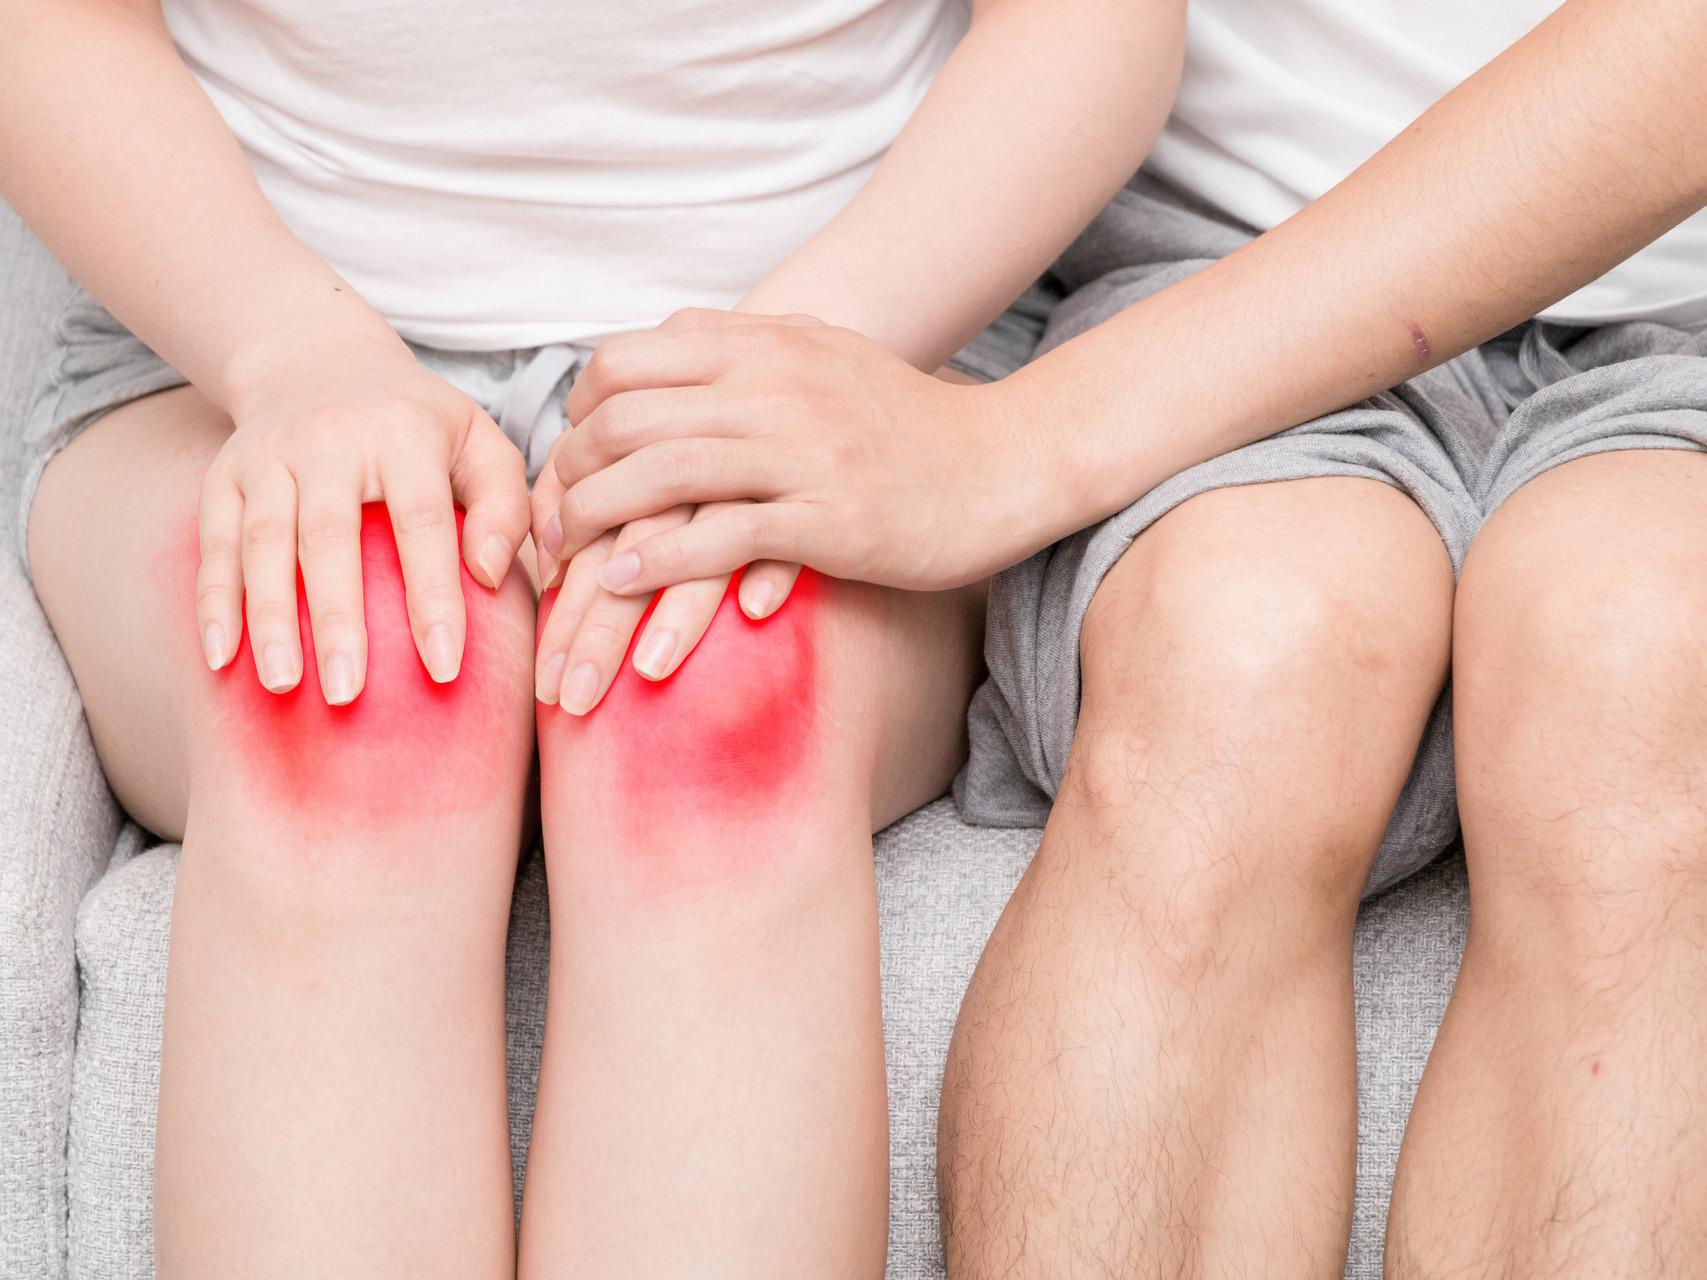 你的膝关节退化了吗?3个动作自测膝盖健康